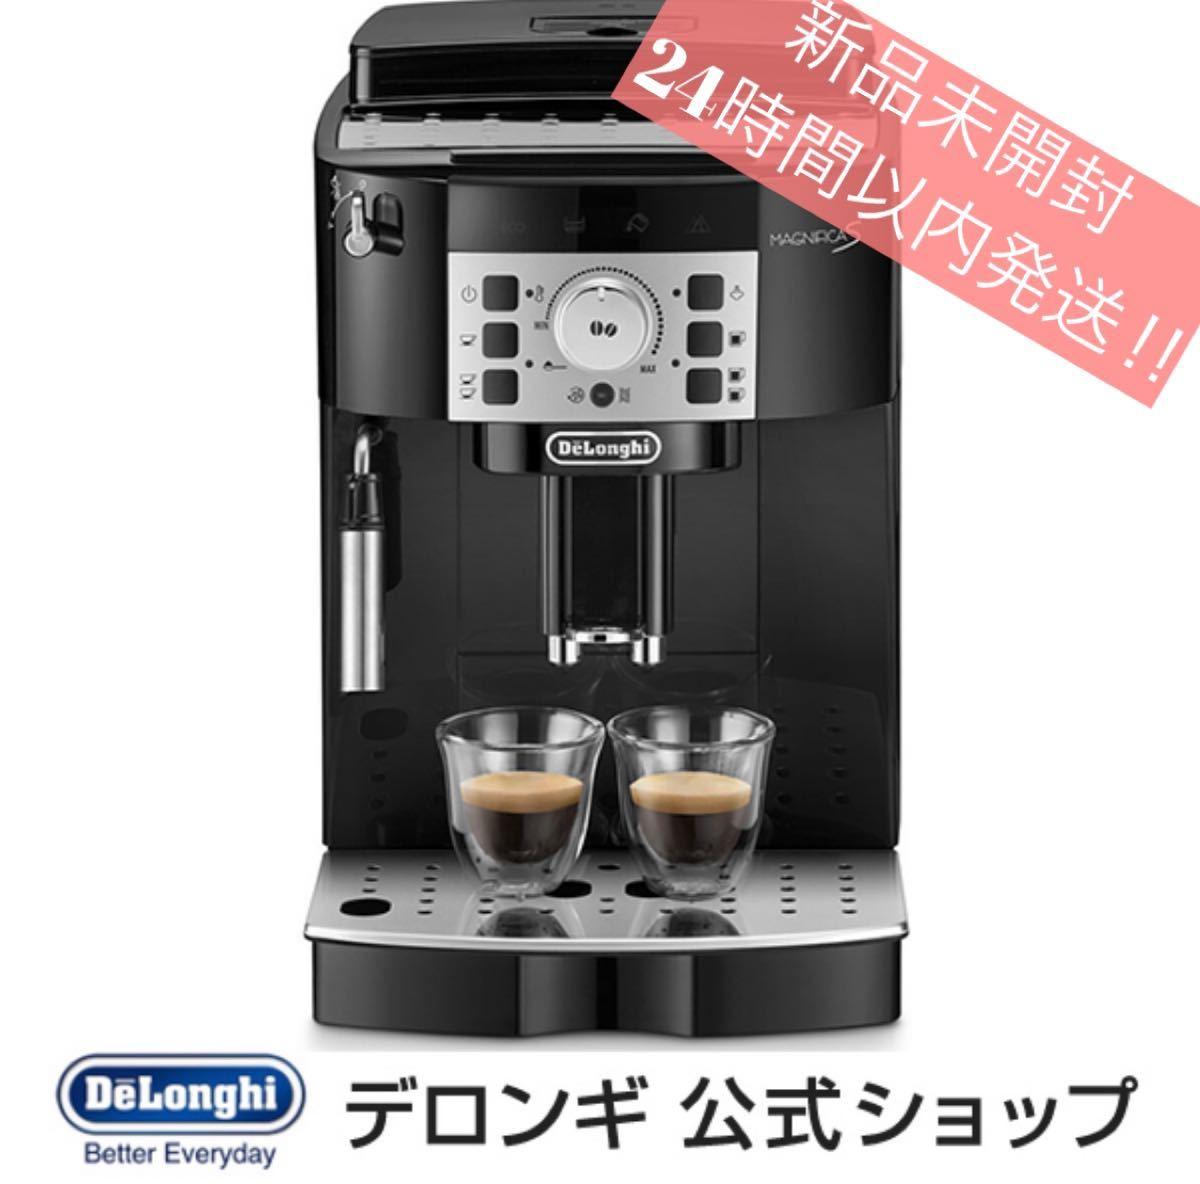 【新品未開封】デロンギ マグニフィカS 全自動コーヒーマシンECAM22112B